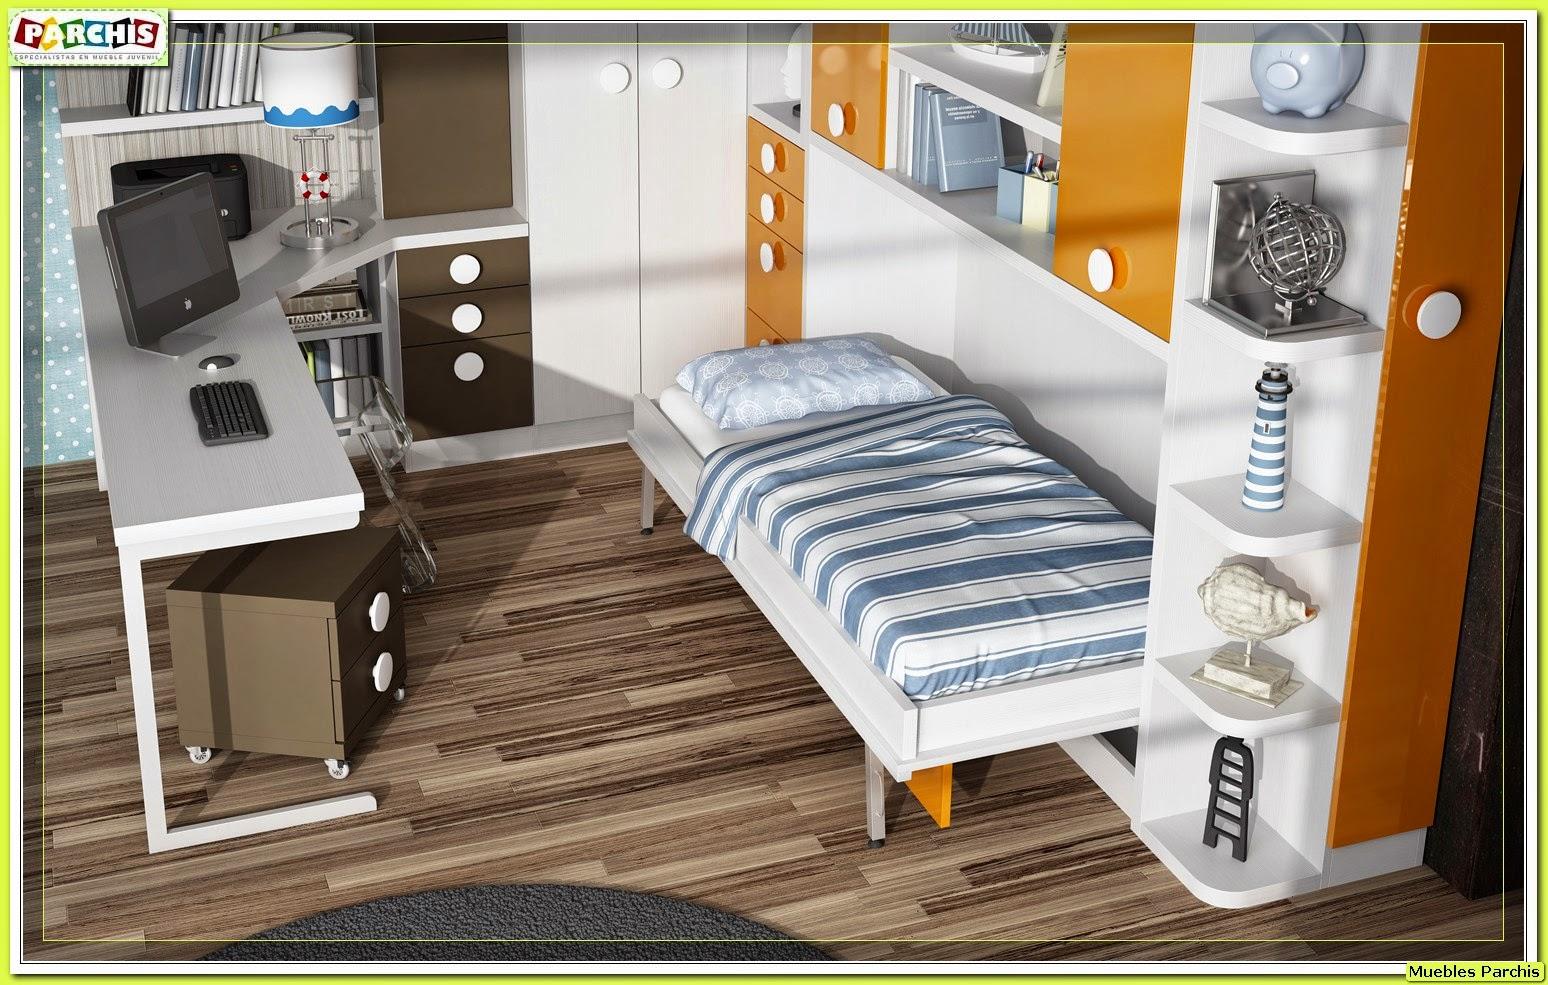 Cama mesa abatible camas autoportantes camas abatibles horizontales con armarios camas - Camas abatibles en madrid ...